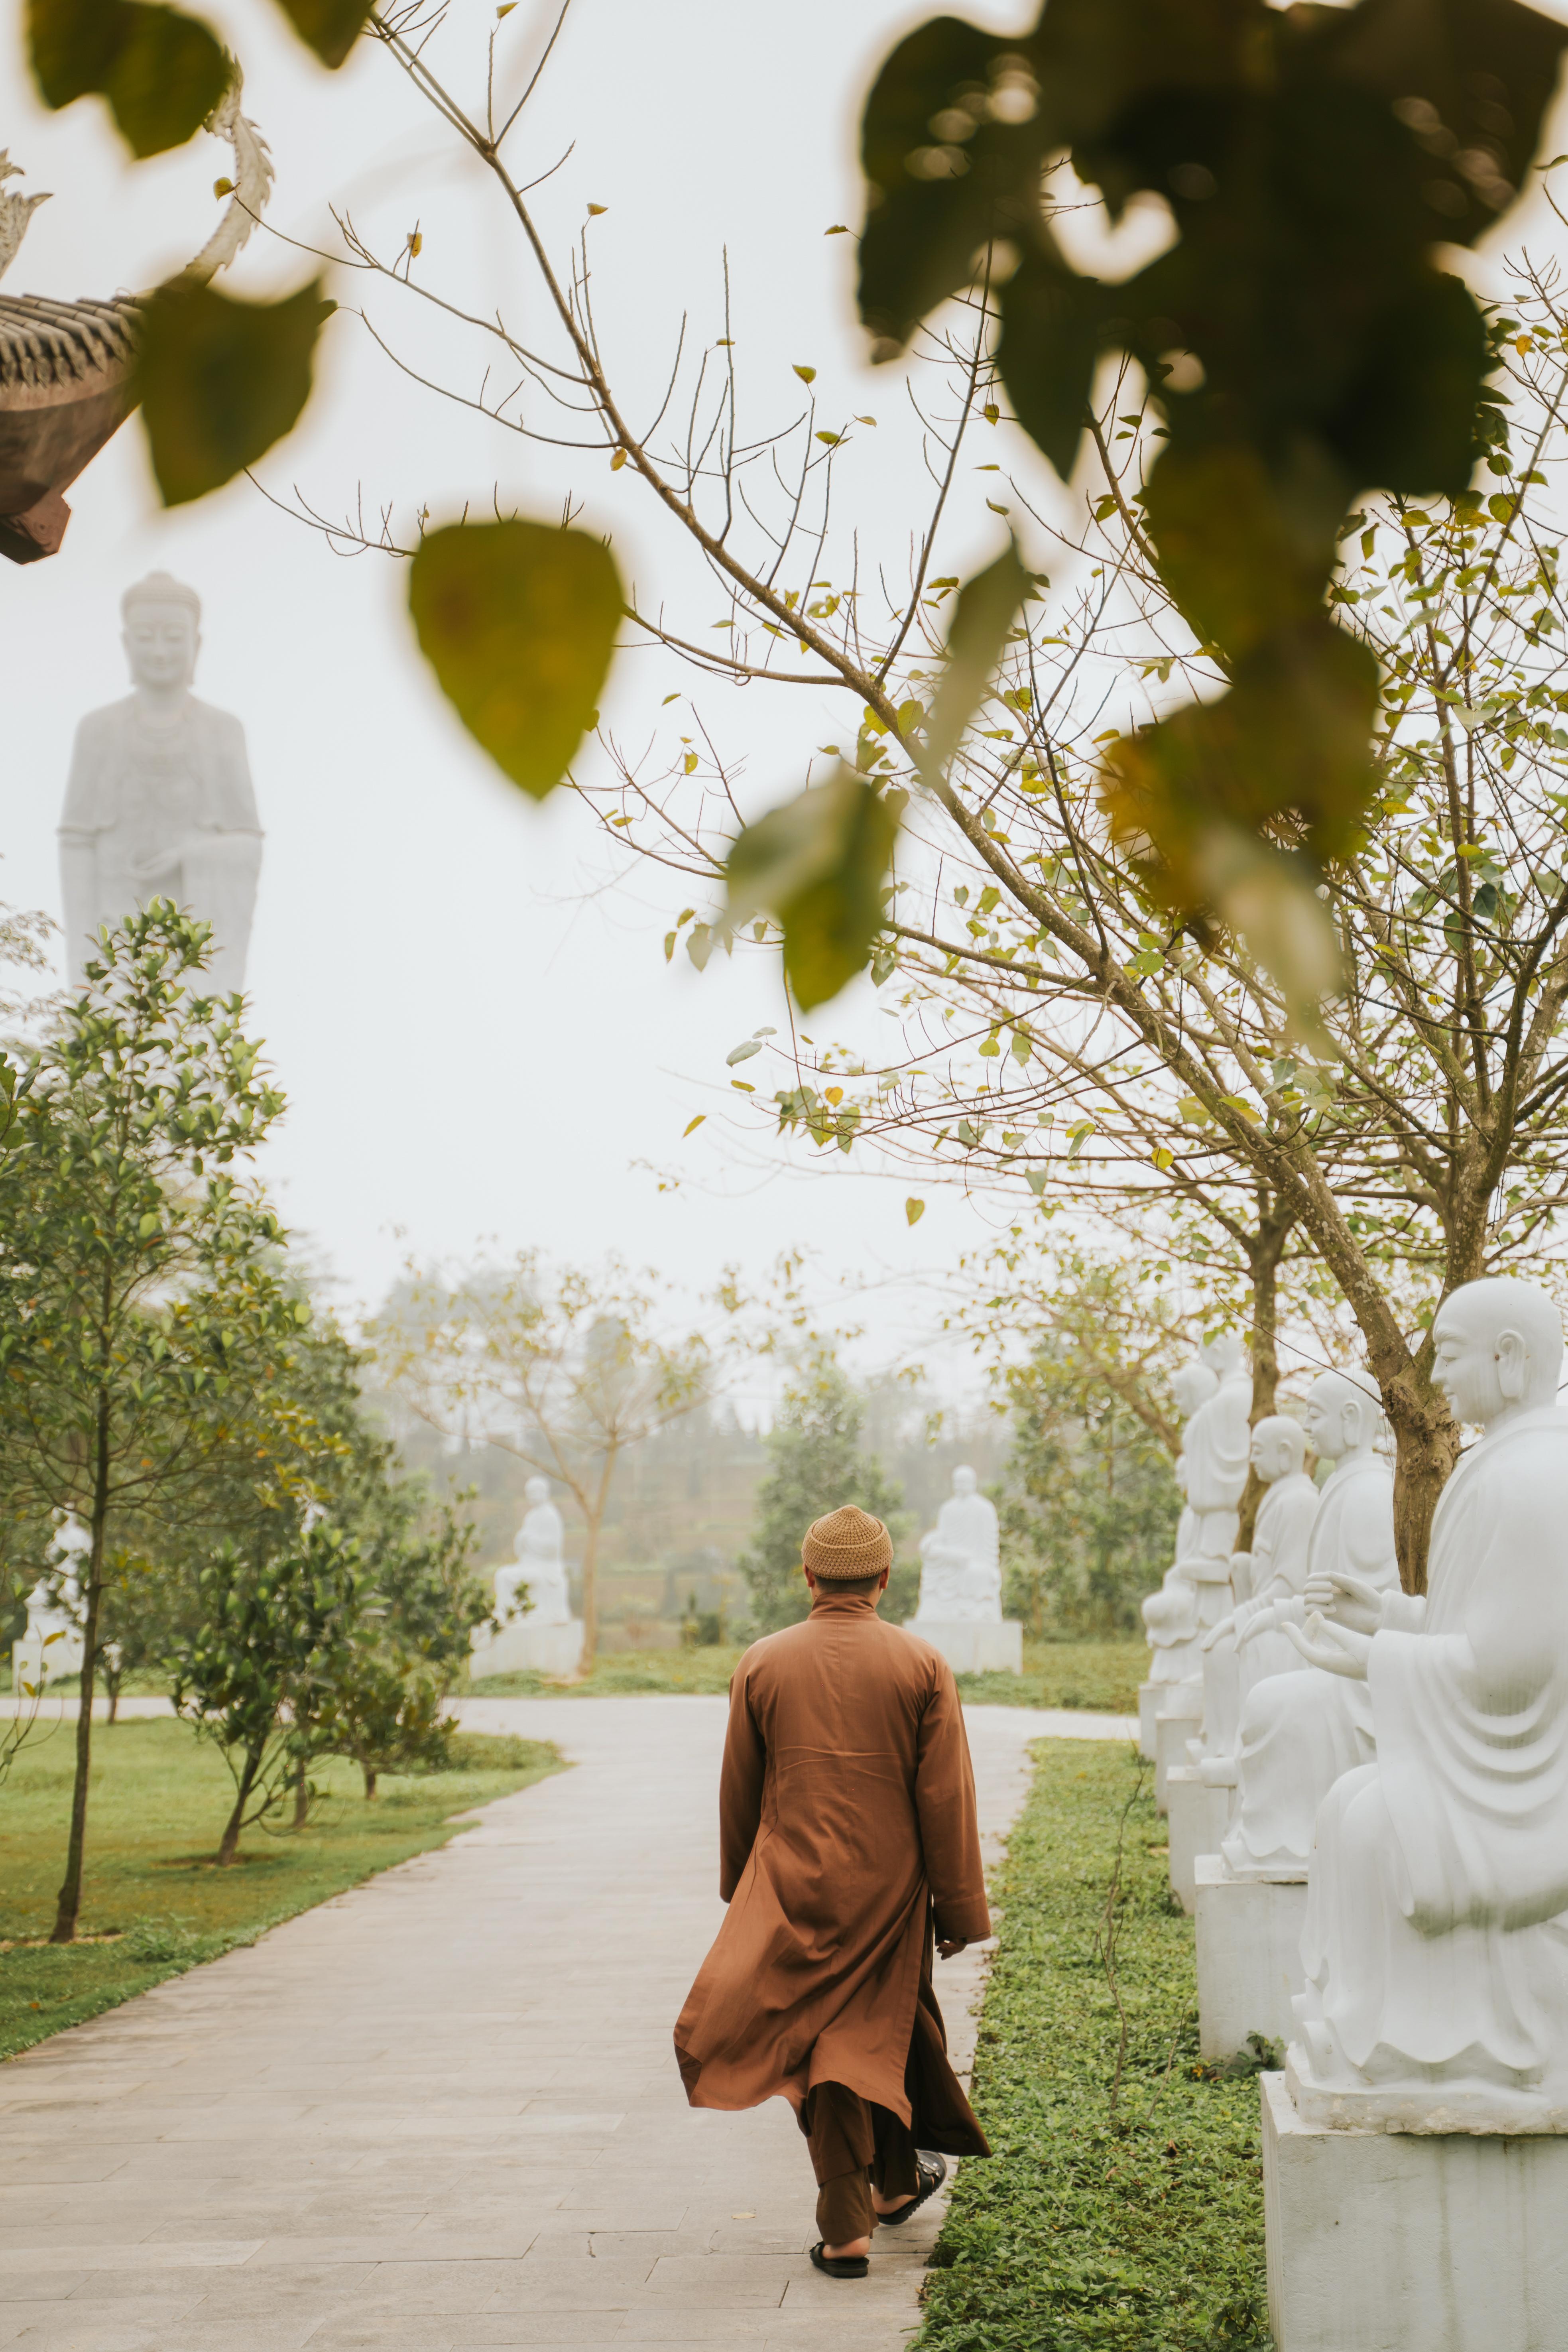 Con đường tâm linh với 500 vị La Hán mang lại cảm giác trang nghiêm và thiền tịnh